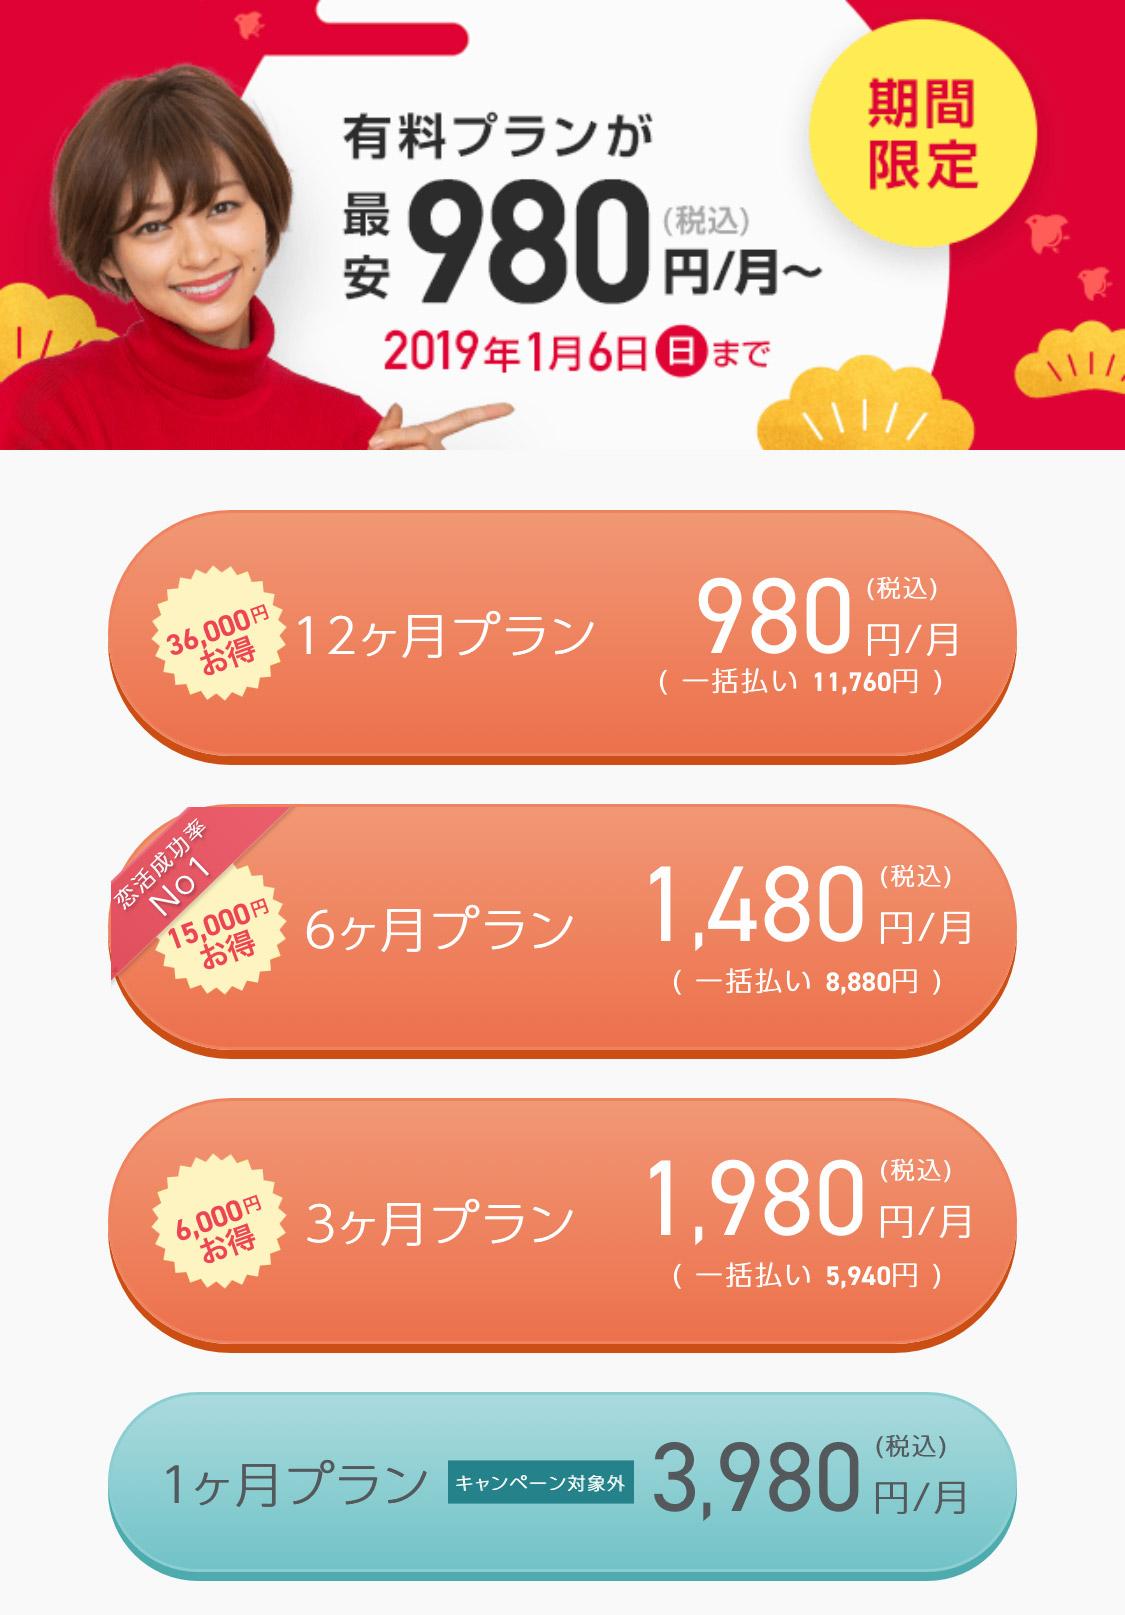 【Pairs】ペアーズがお得に使える割引クーポンはある?1/6日迄の期間限定で月額980円!